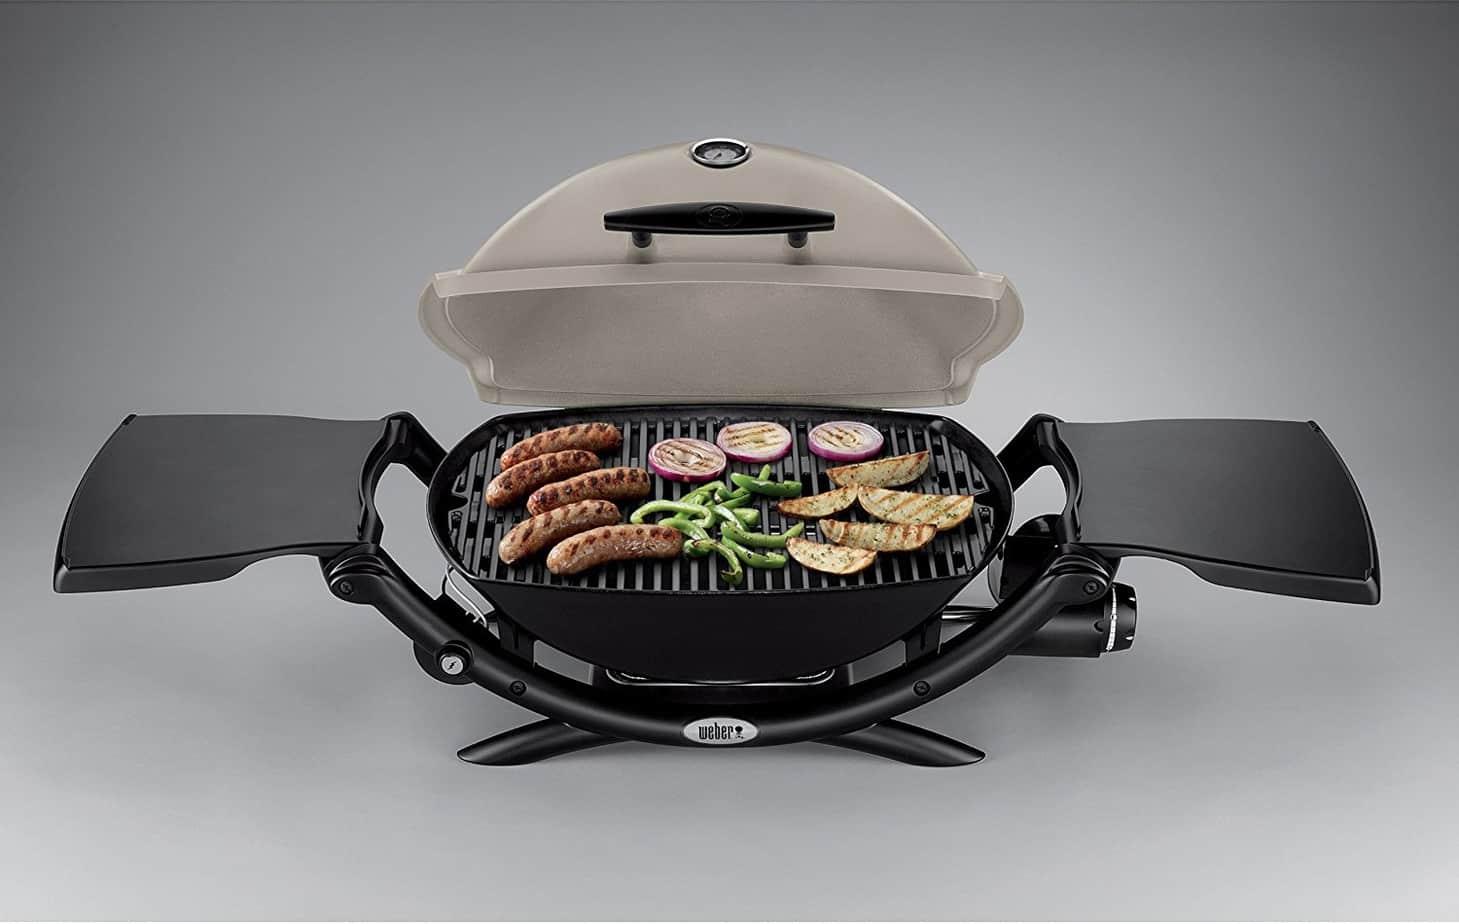 best propane grills under $300